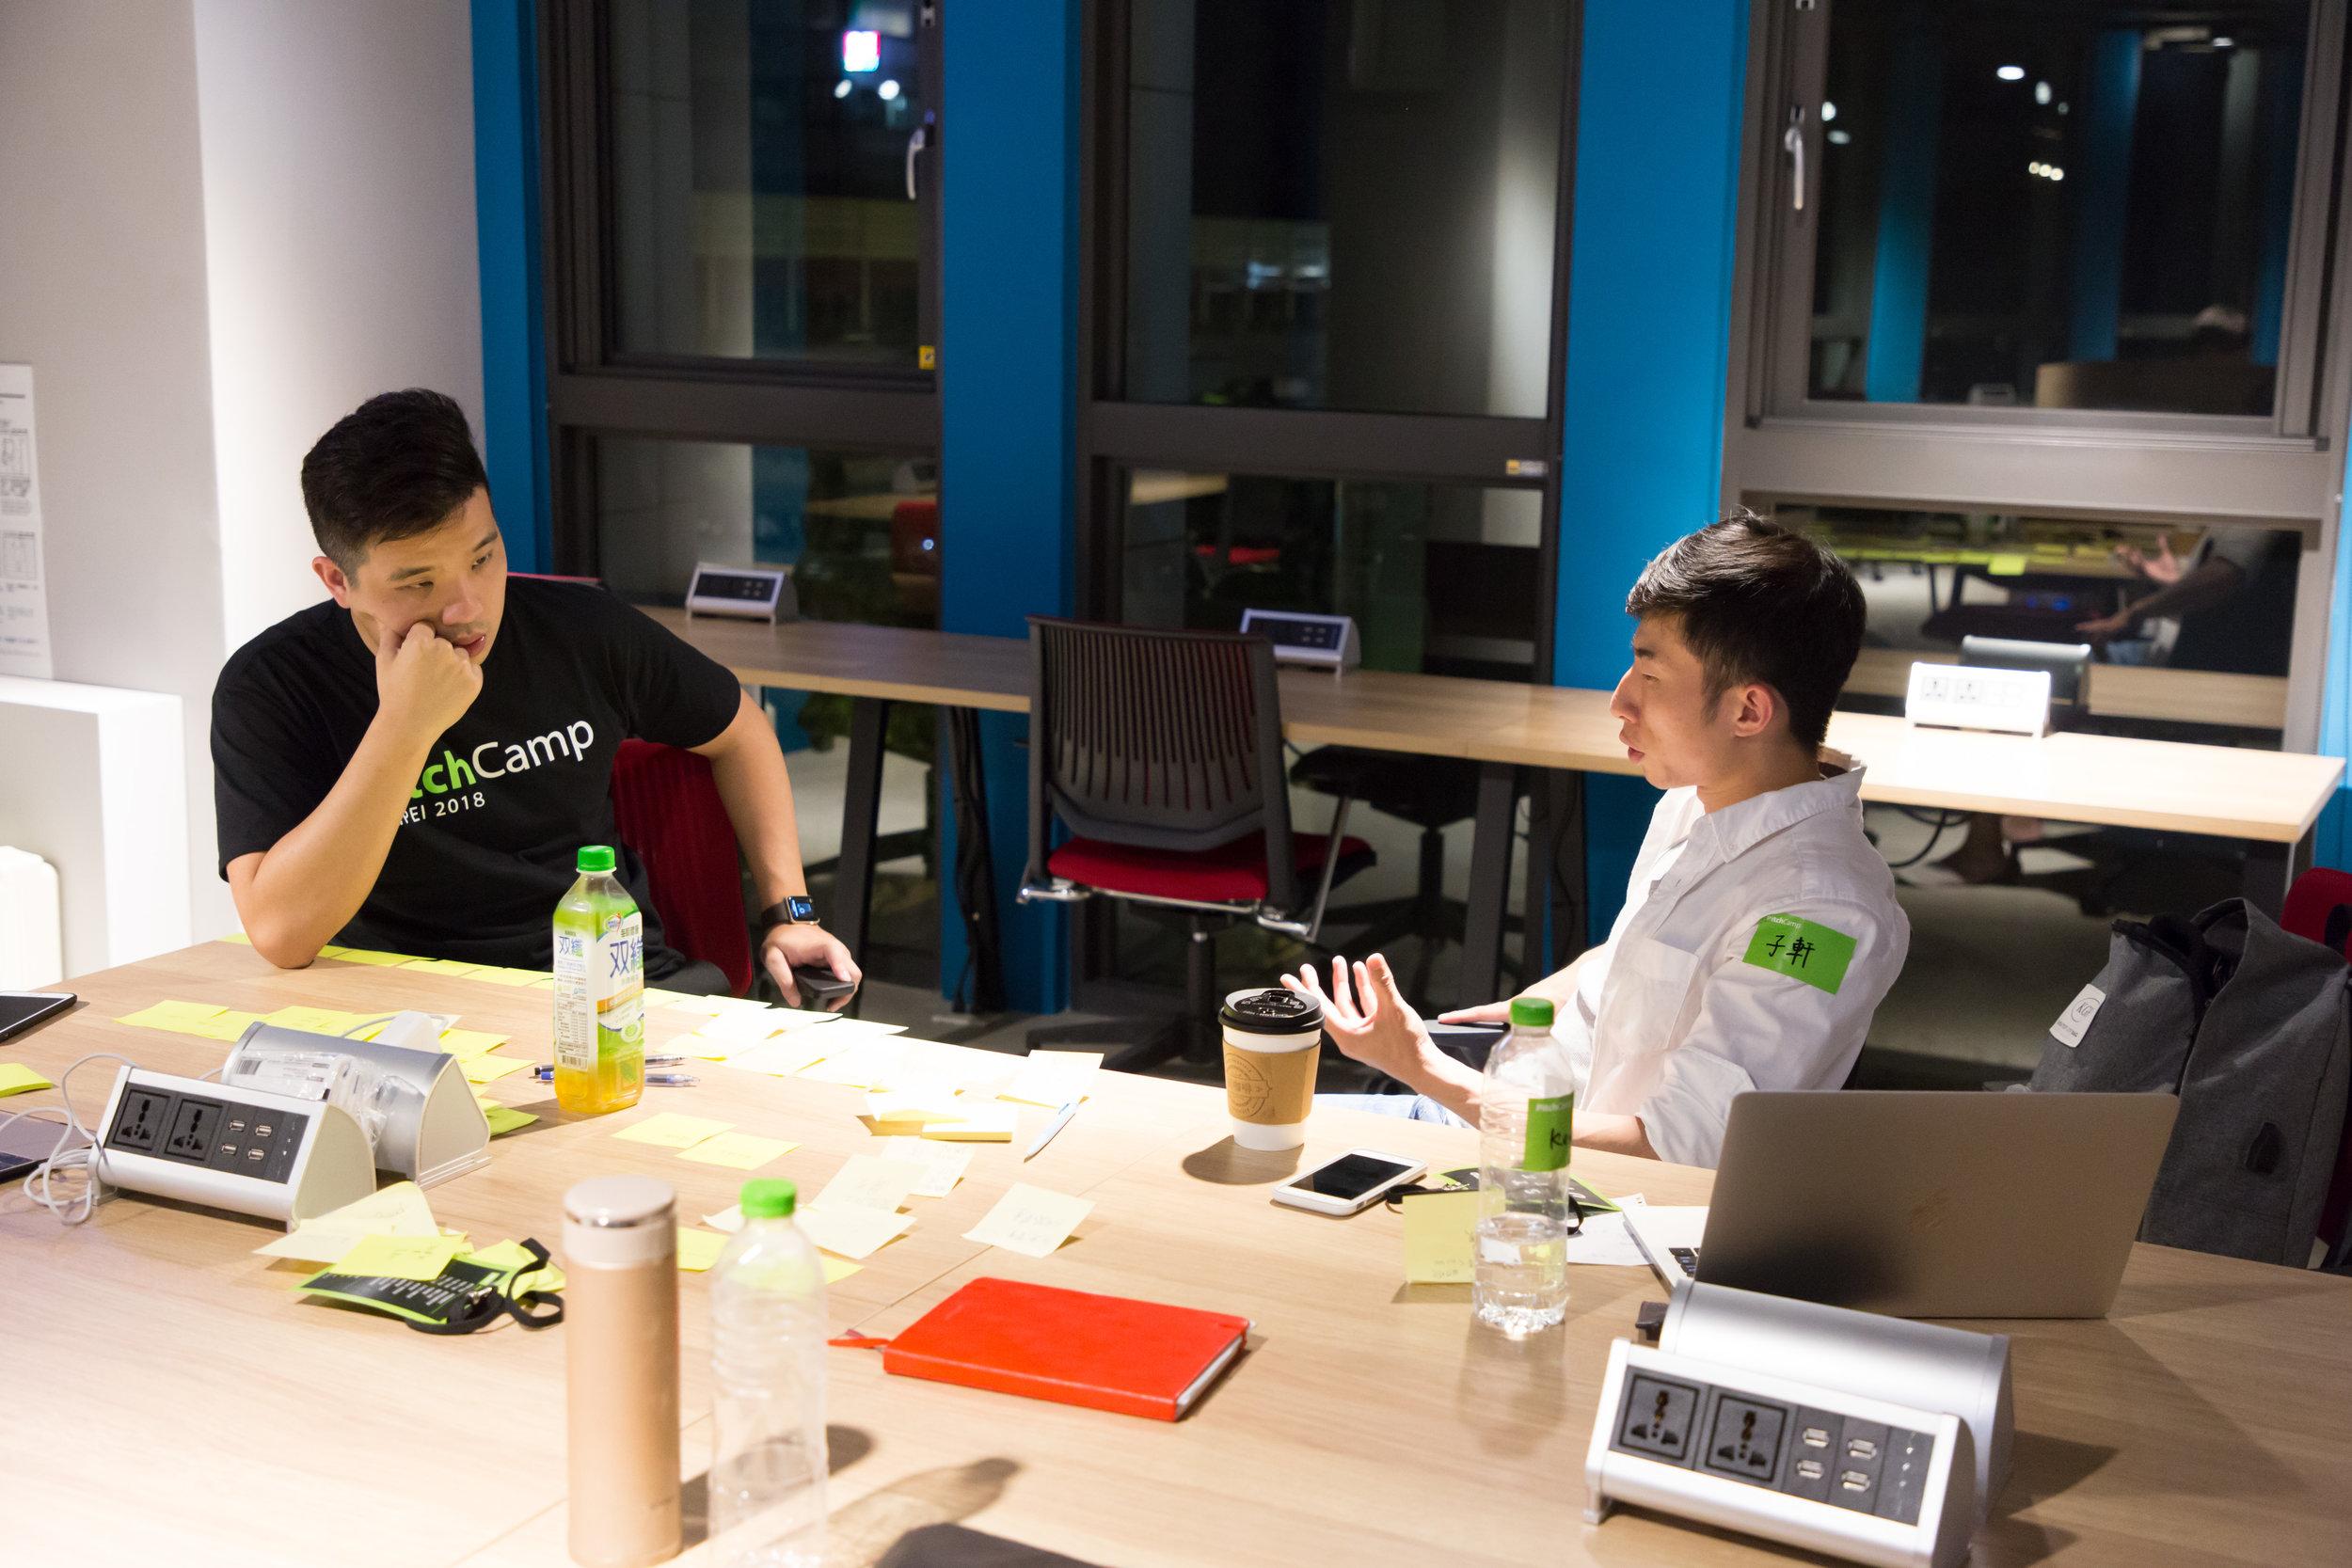 選擇 6 - 8 人座位的討論區,用便利貼互相激勵靈感、逐步調整簡報架構,為隔日 PitchTime 奮力一搏 圖片來源:寶渥團隊